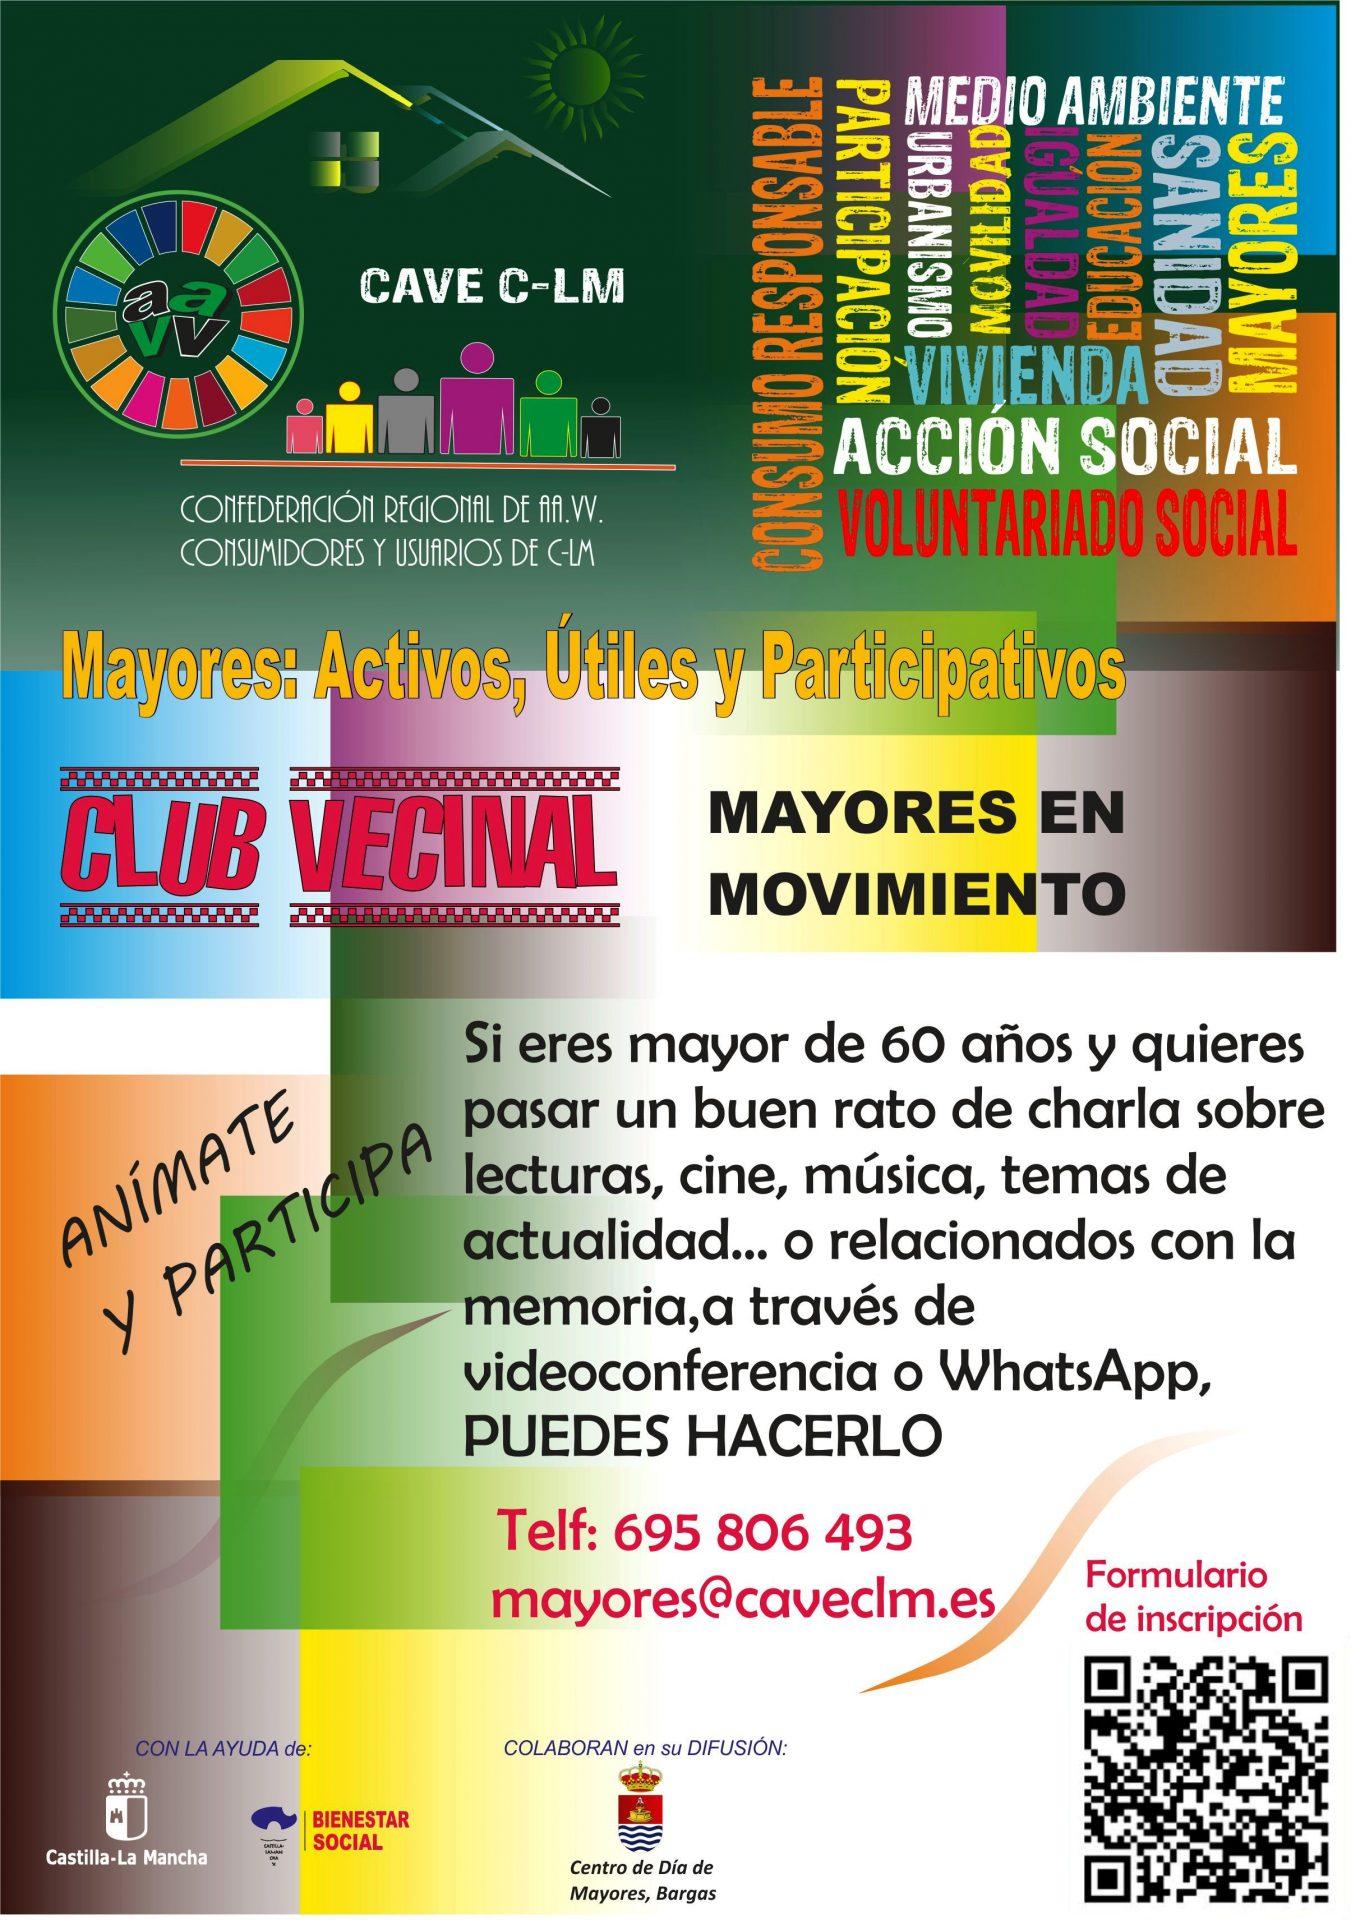 Club Vecinal: Mayores en Movimiento